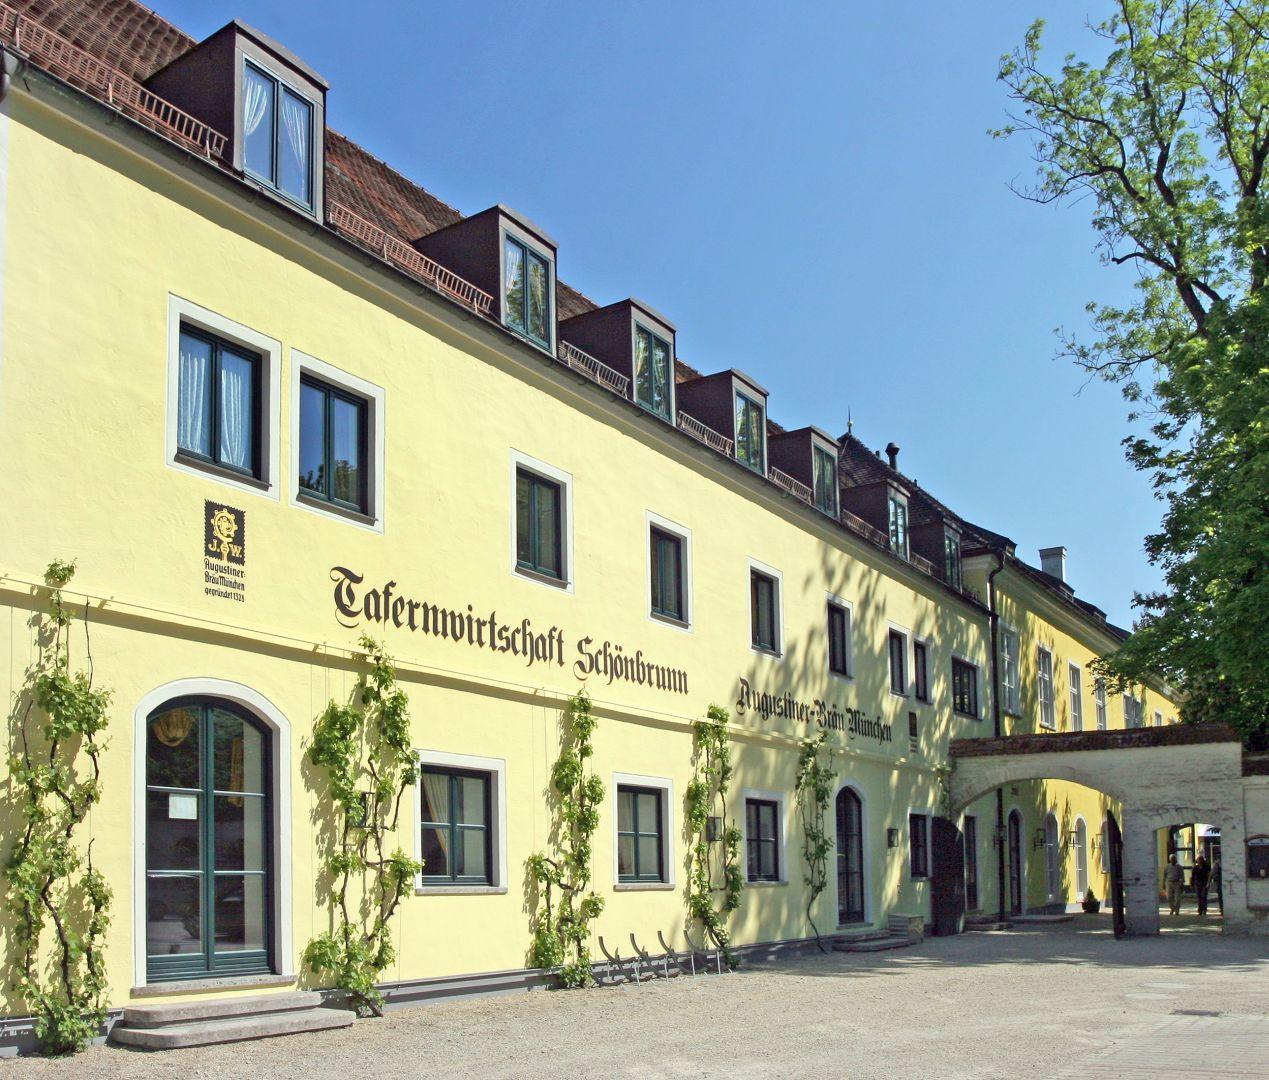 Verkehrsverein Landshut Biergarten In Landshut